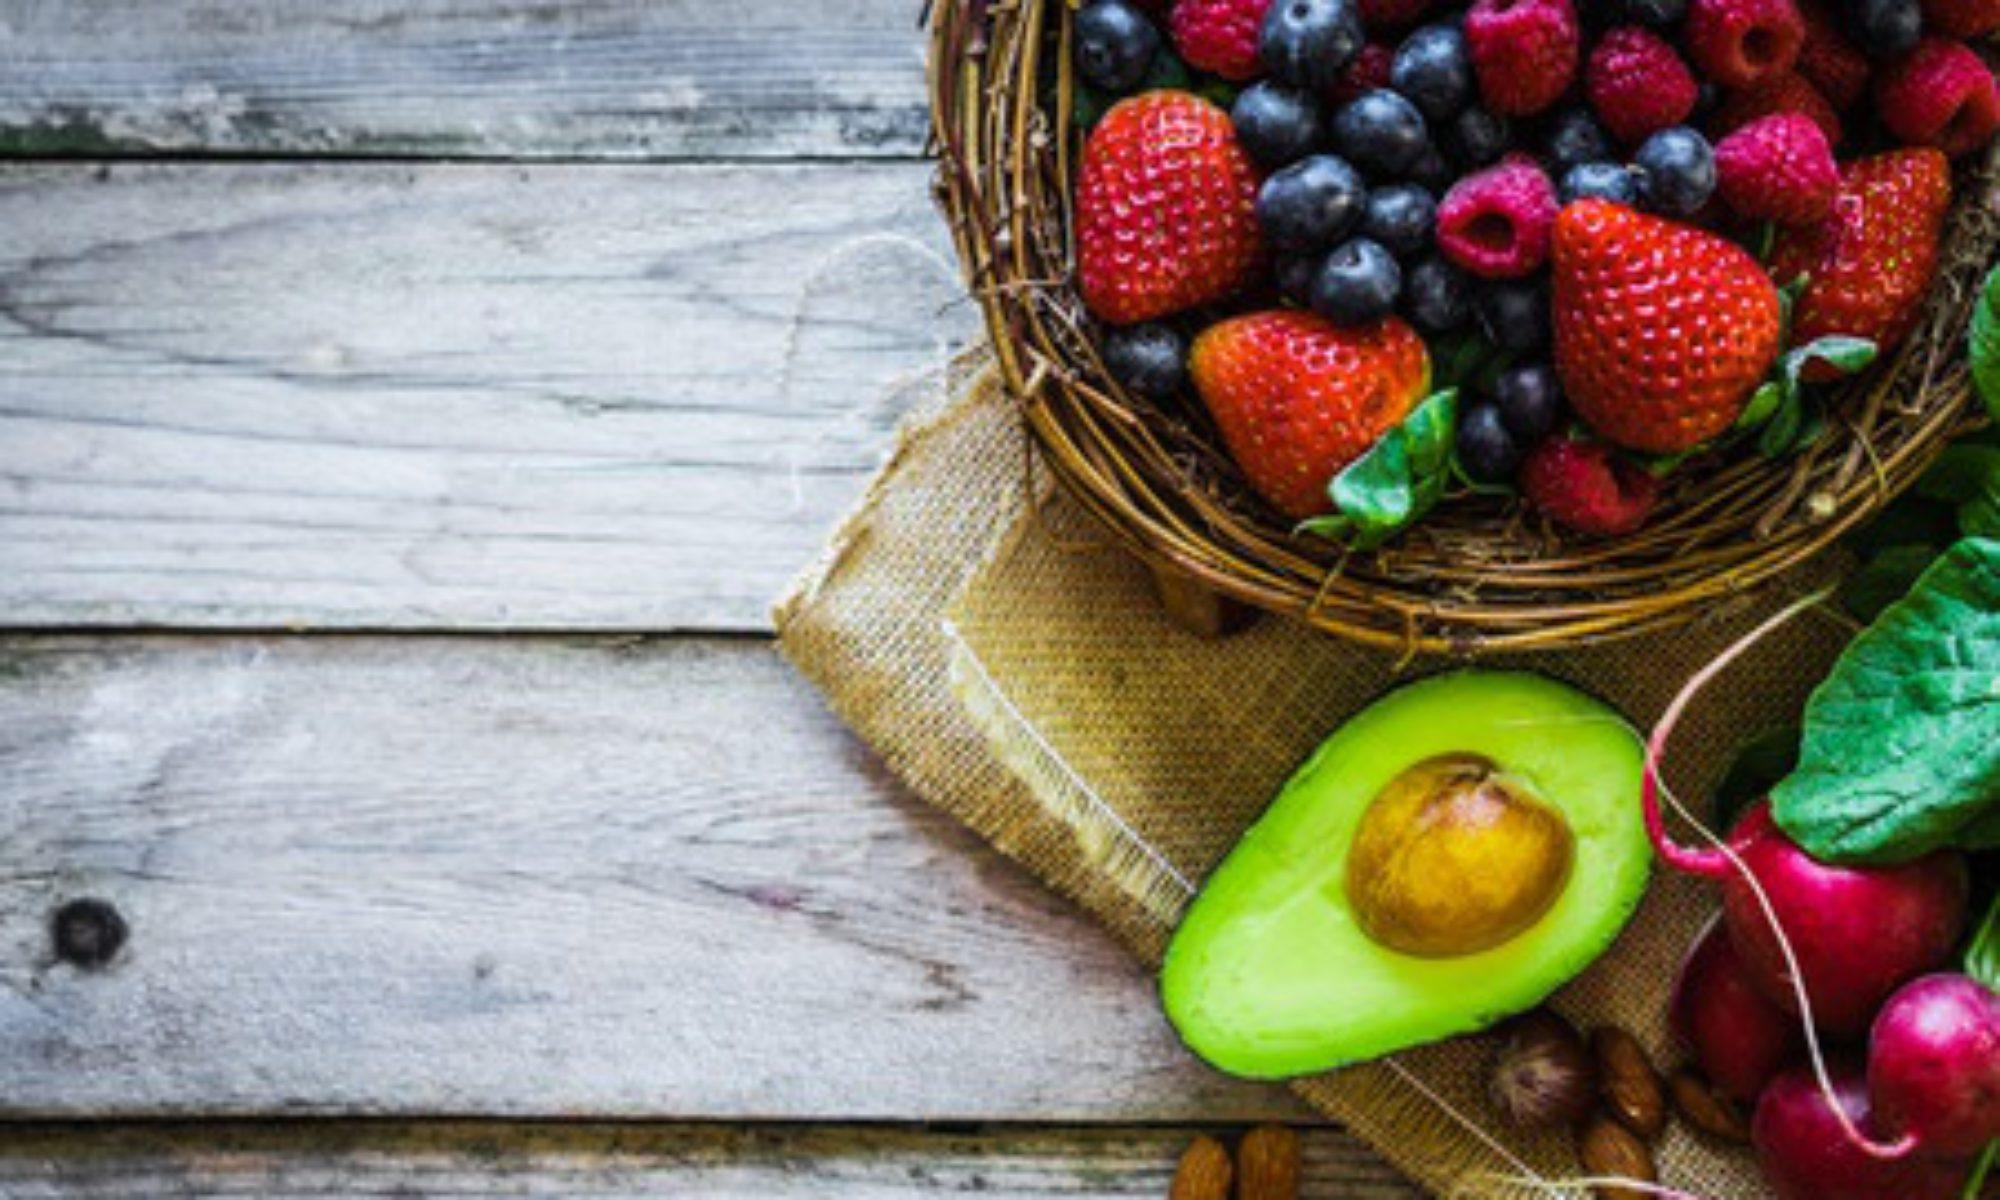 Gesundheit, Ernährung, Lebensstil